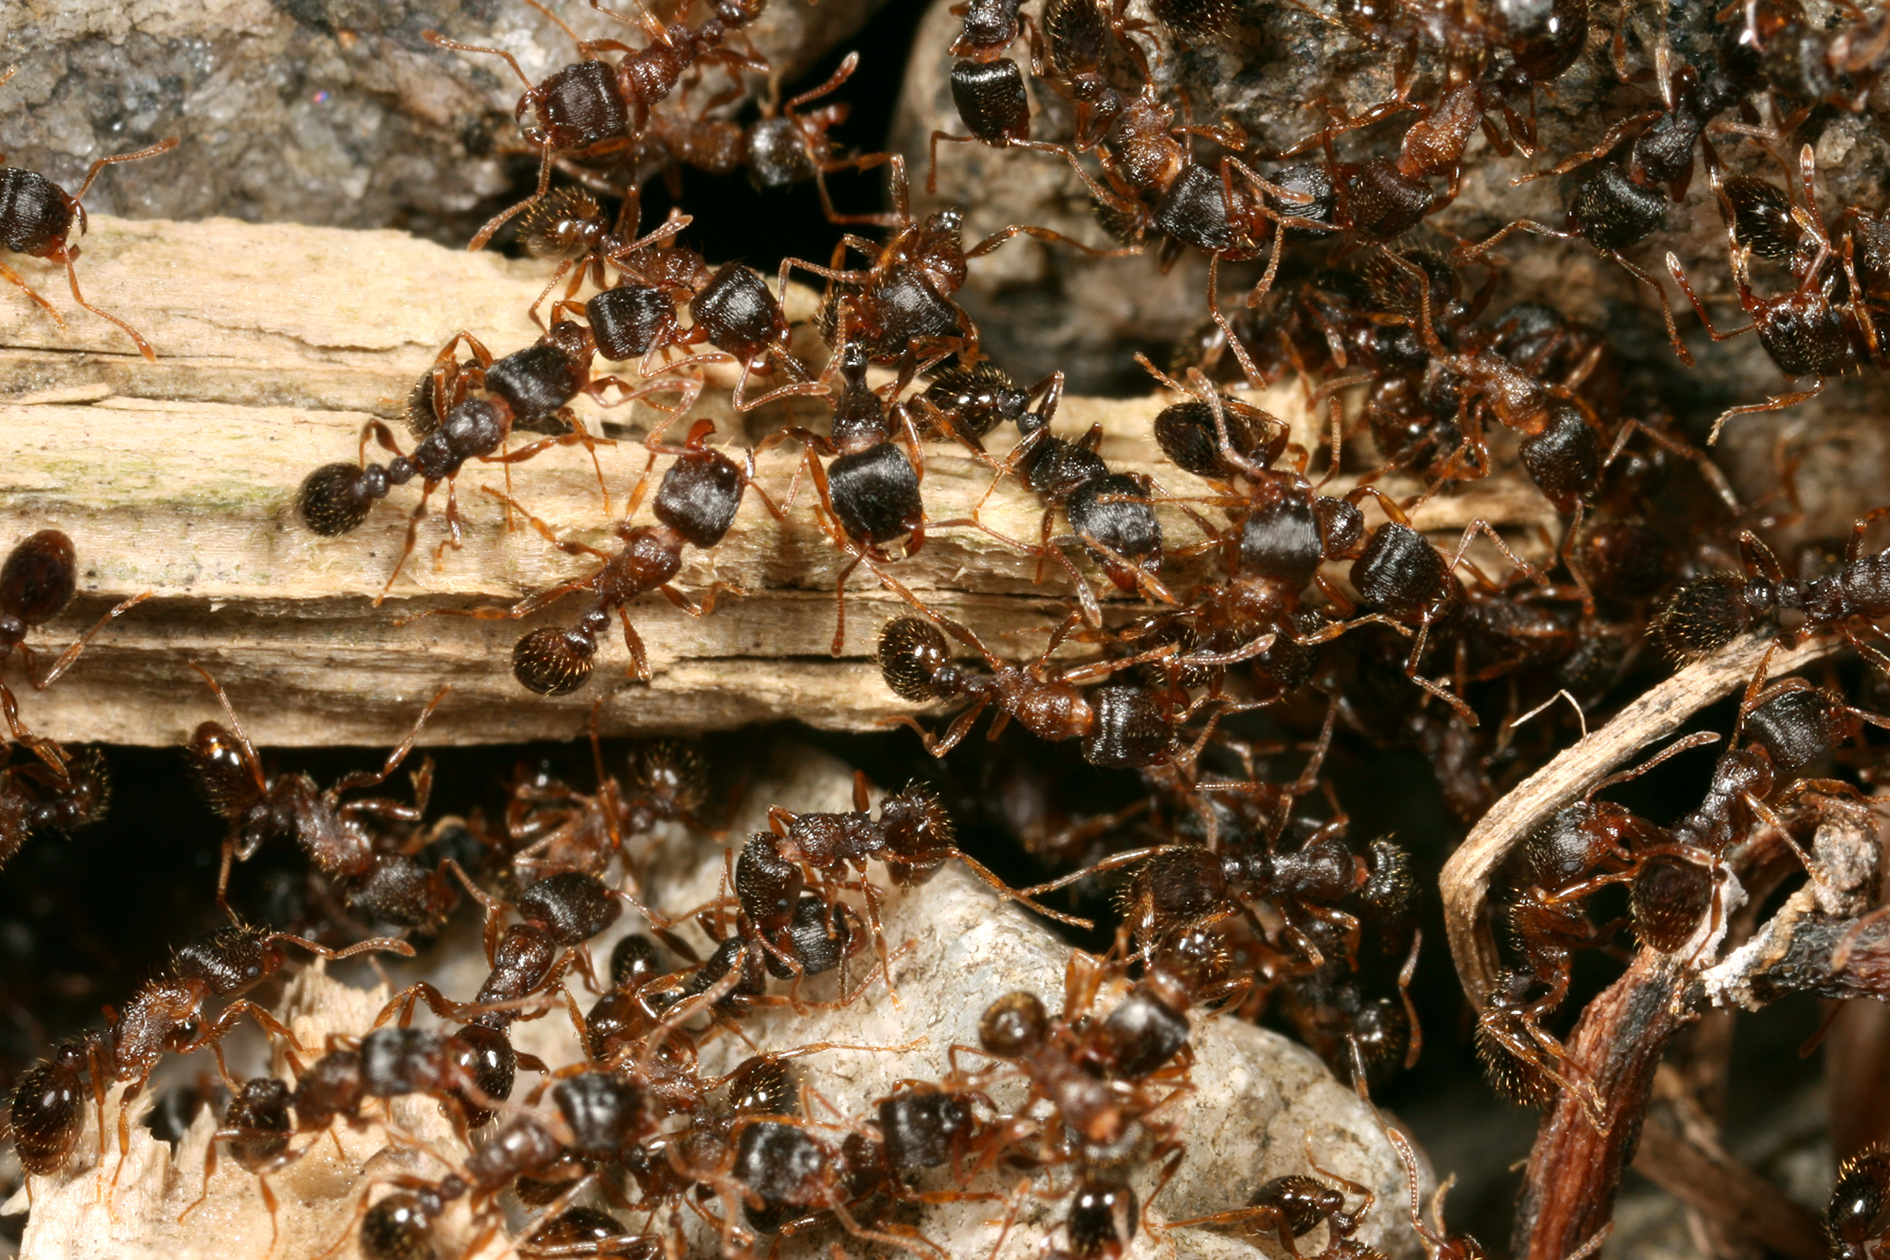 Eloigner Les Fourmis Au Jardin comment trouver un nid de fourmis? | espace pour la vie